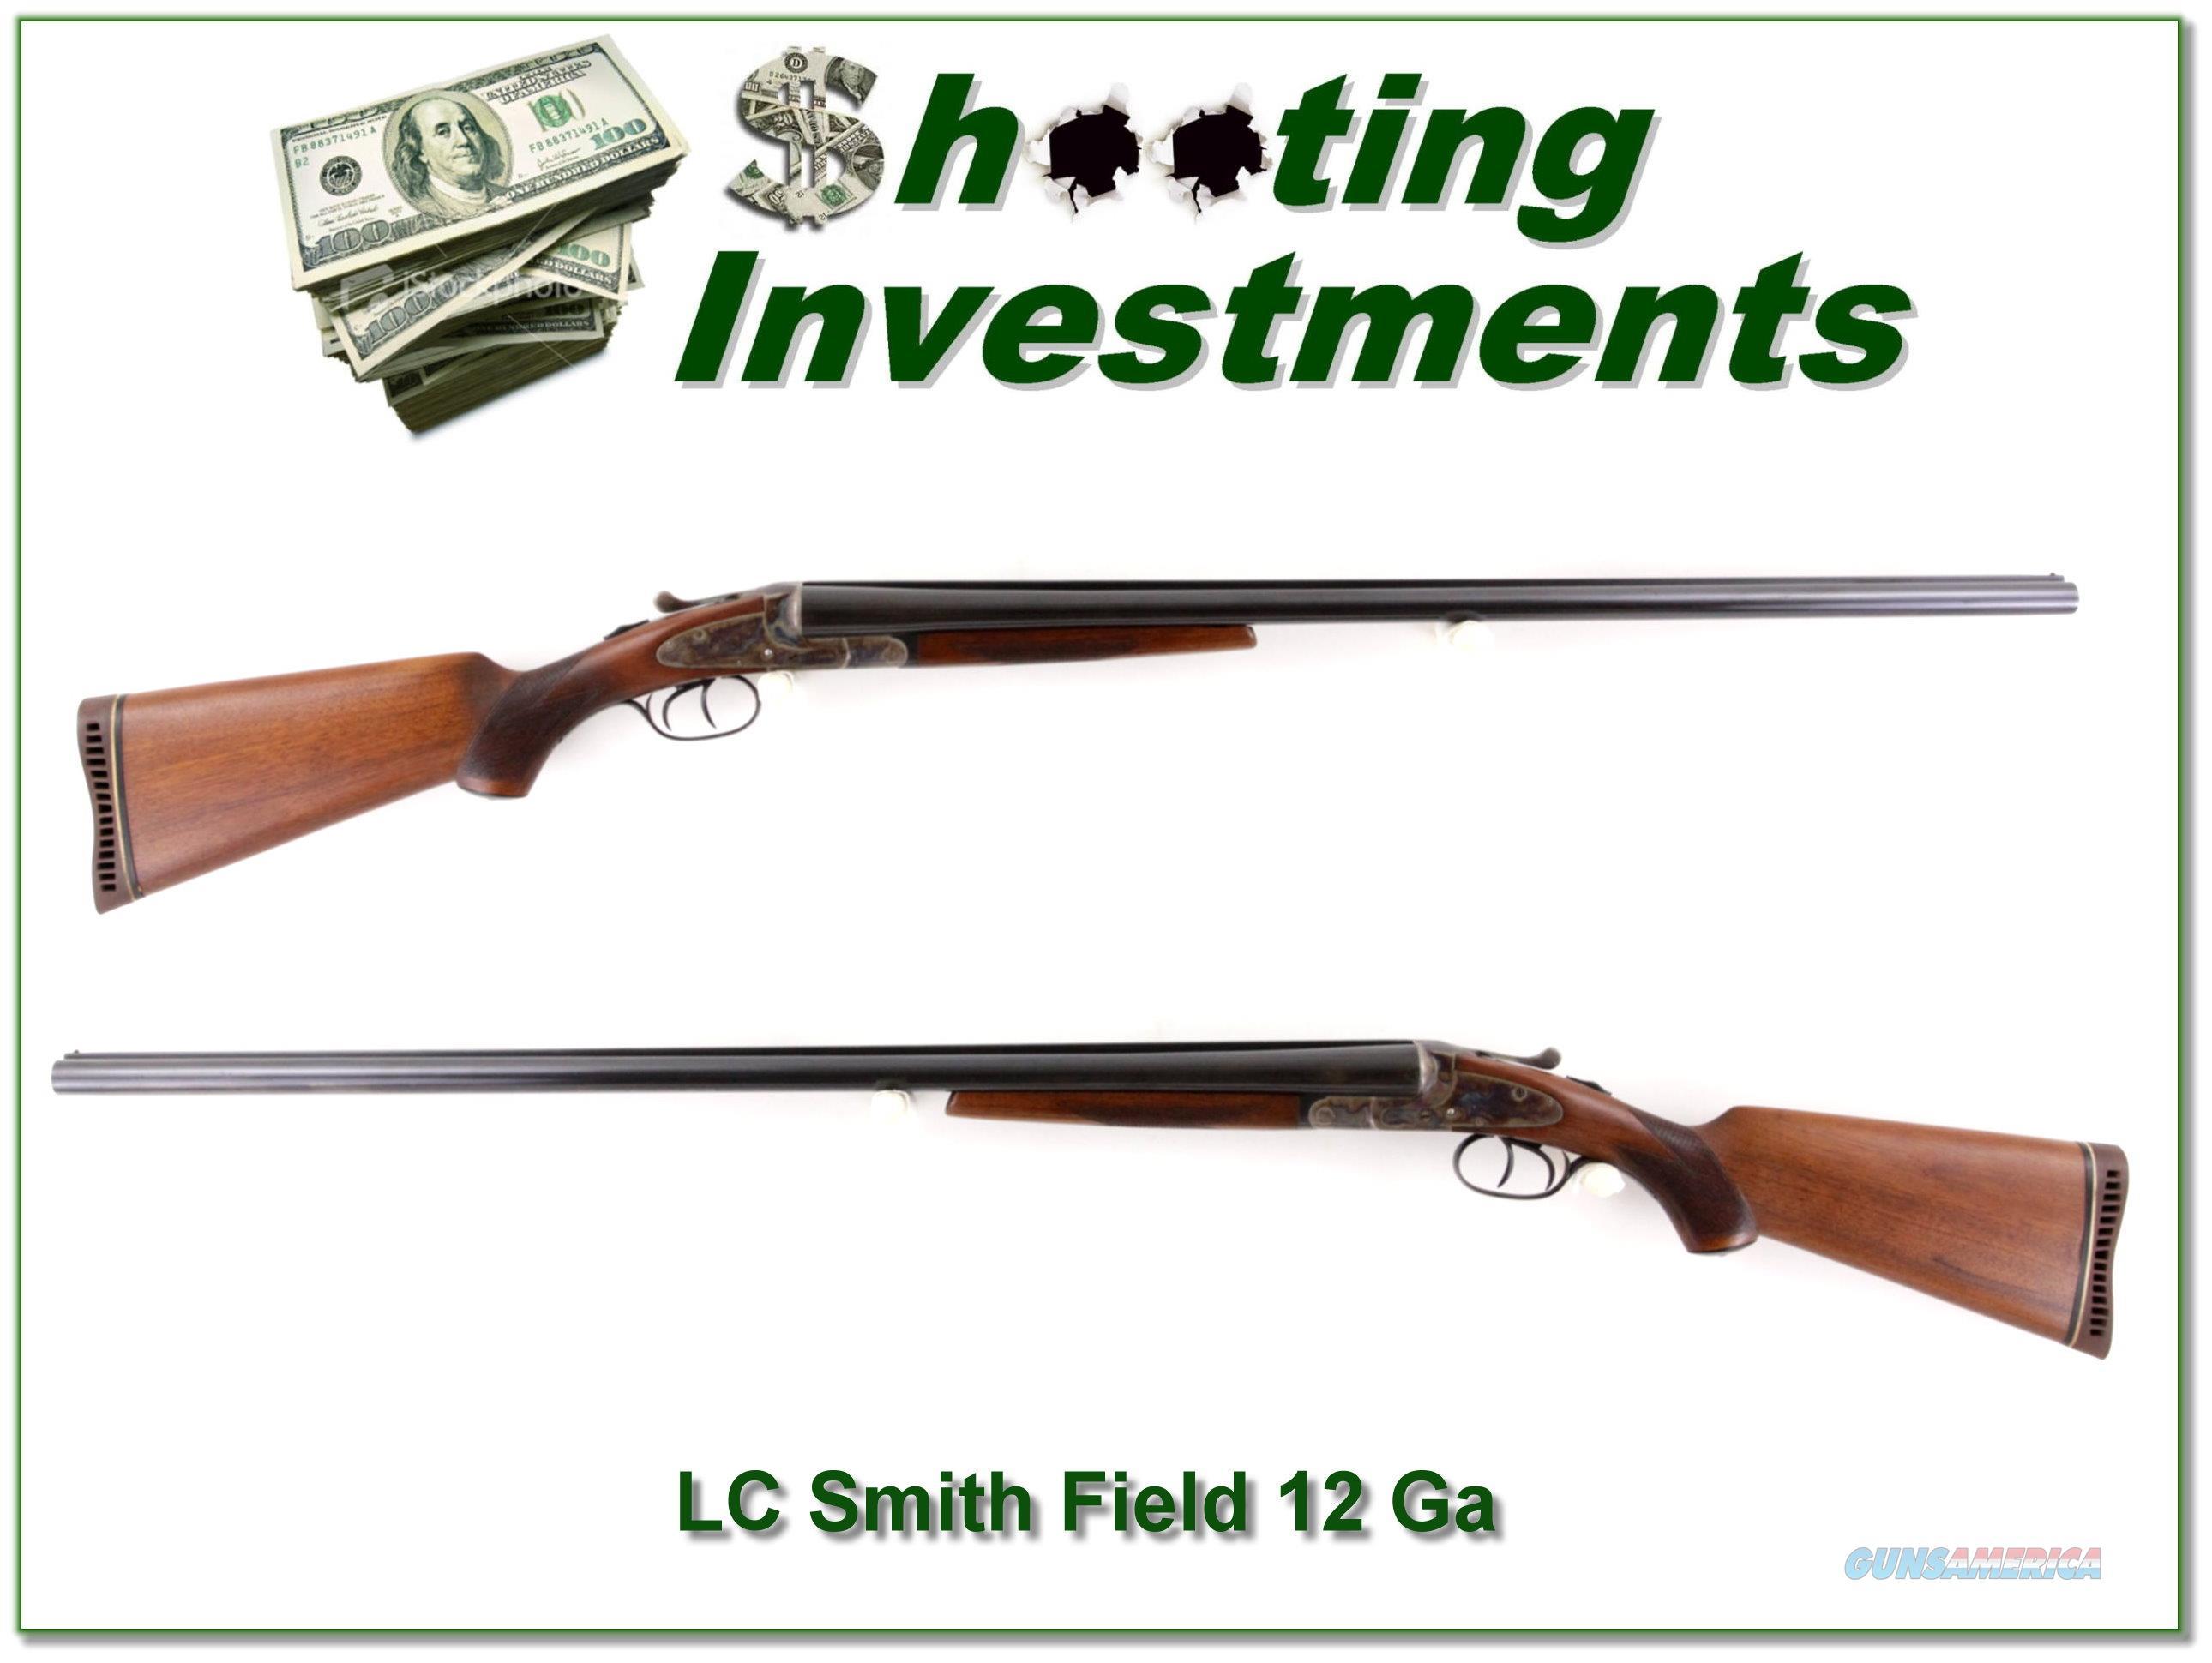 LC Smith Field 12 Ga 1947  Guns > Shotguns > L.C. Smith Shotguns